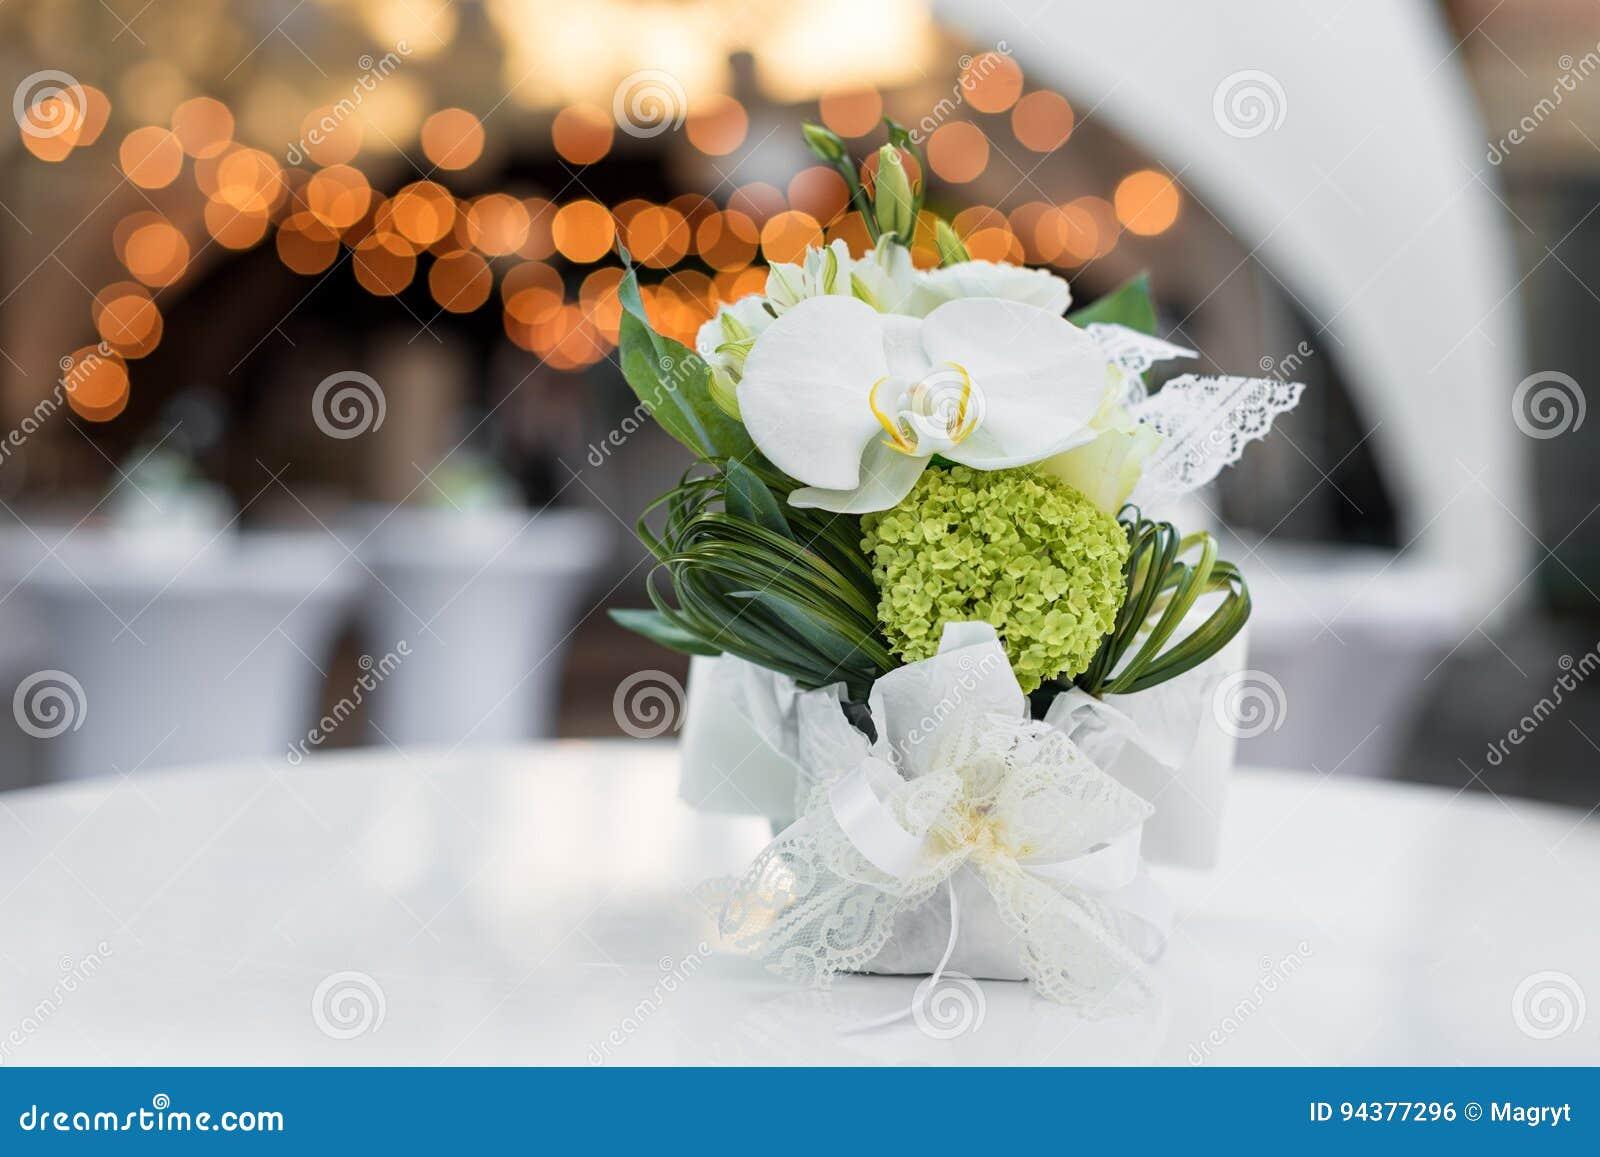 Flores En La Tabla En Restaurante Al Aire Libre Interior De